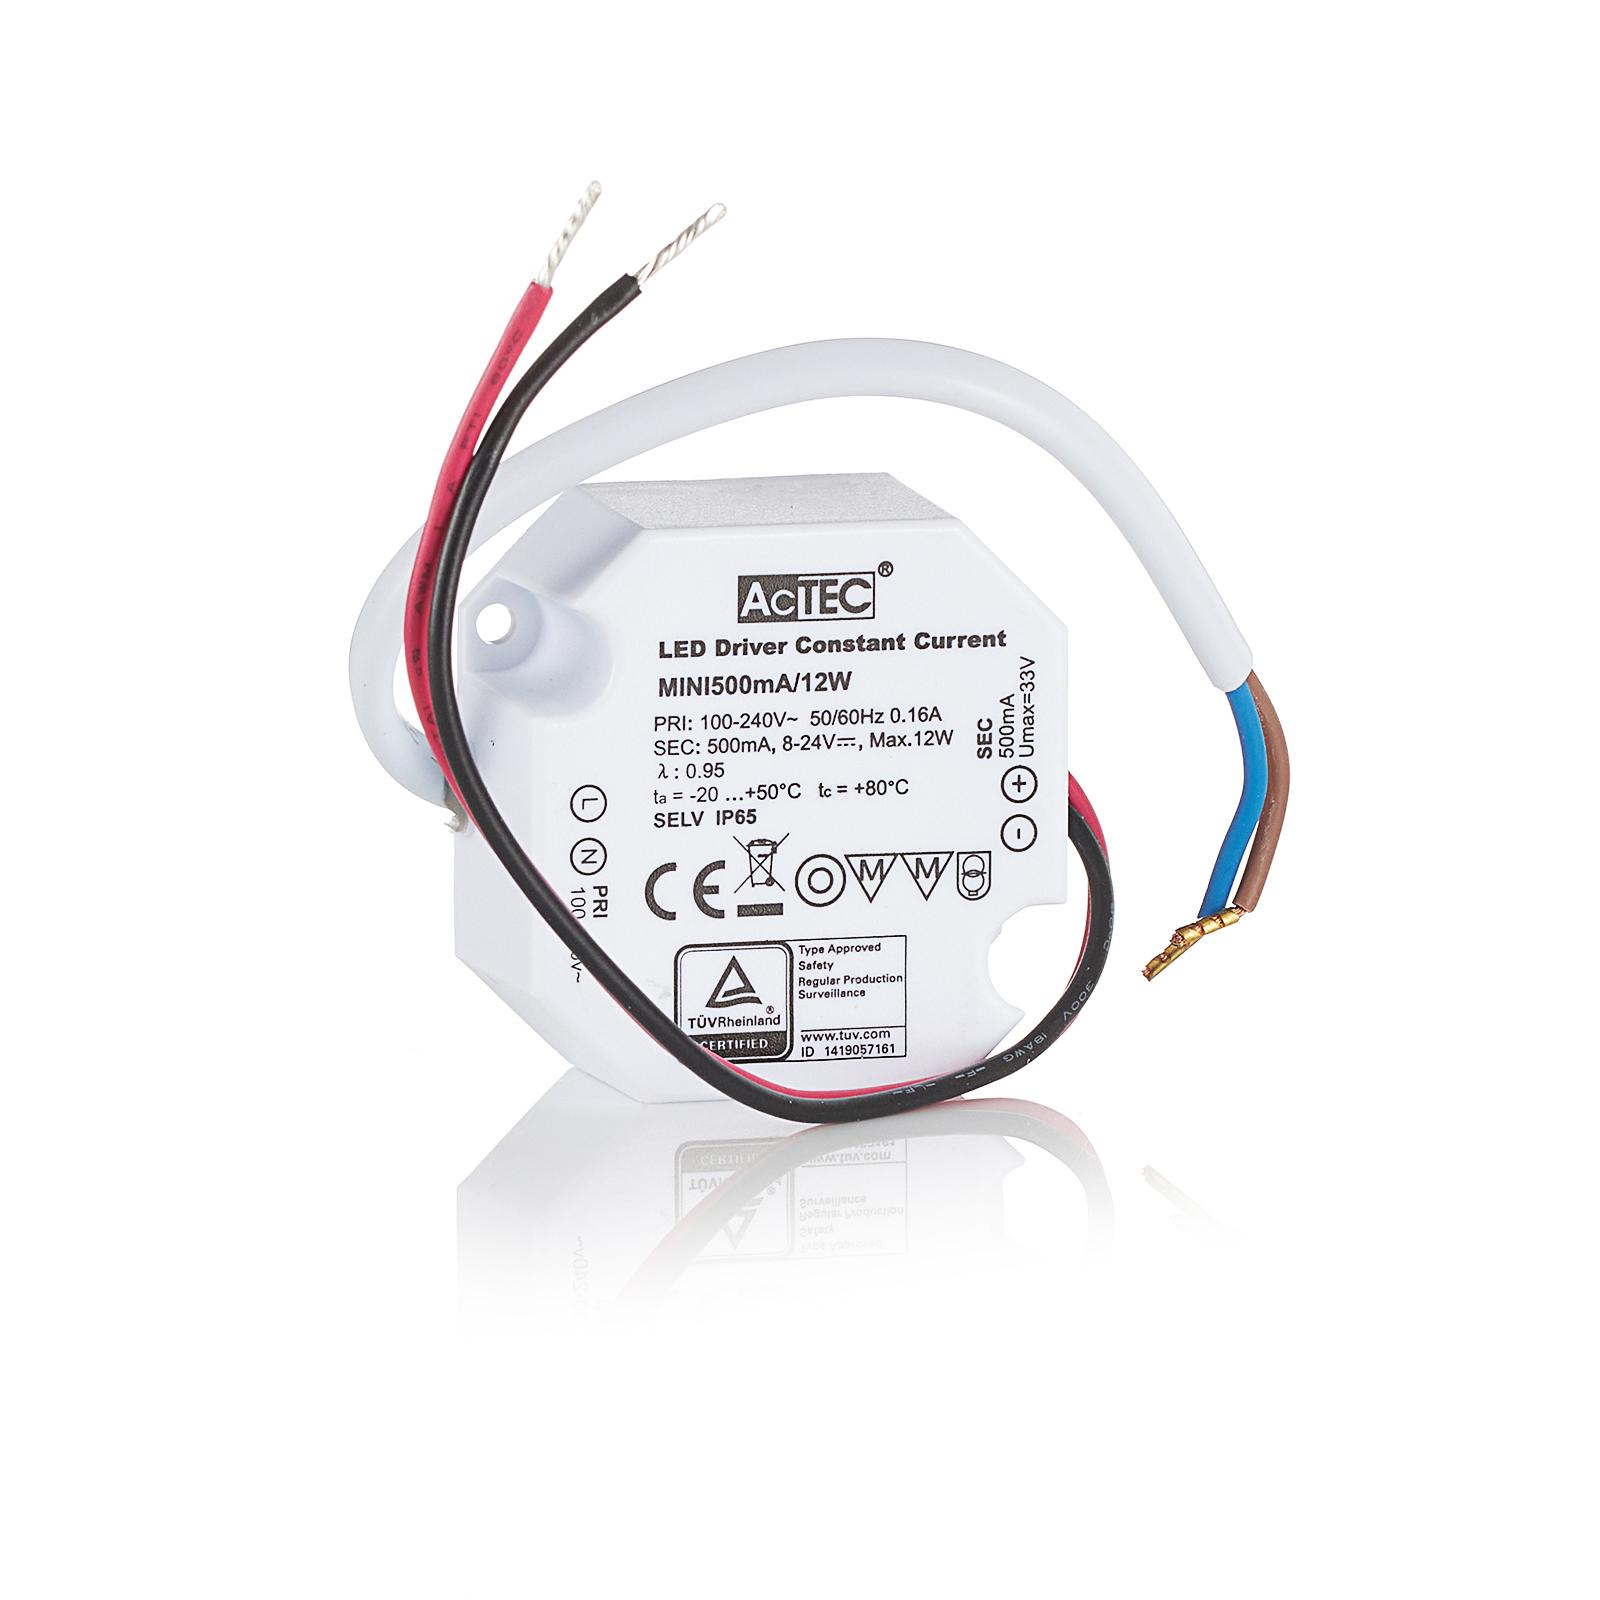 AcTEC Mini LED ovladač CC 500mA, 12W, IP65